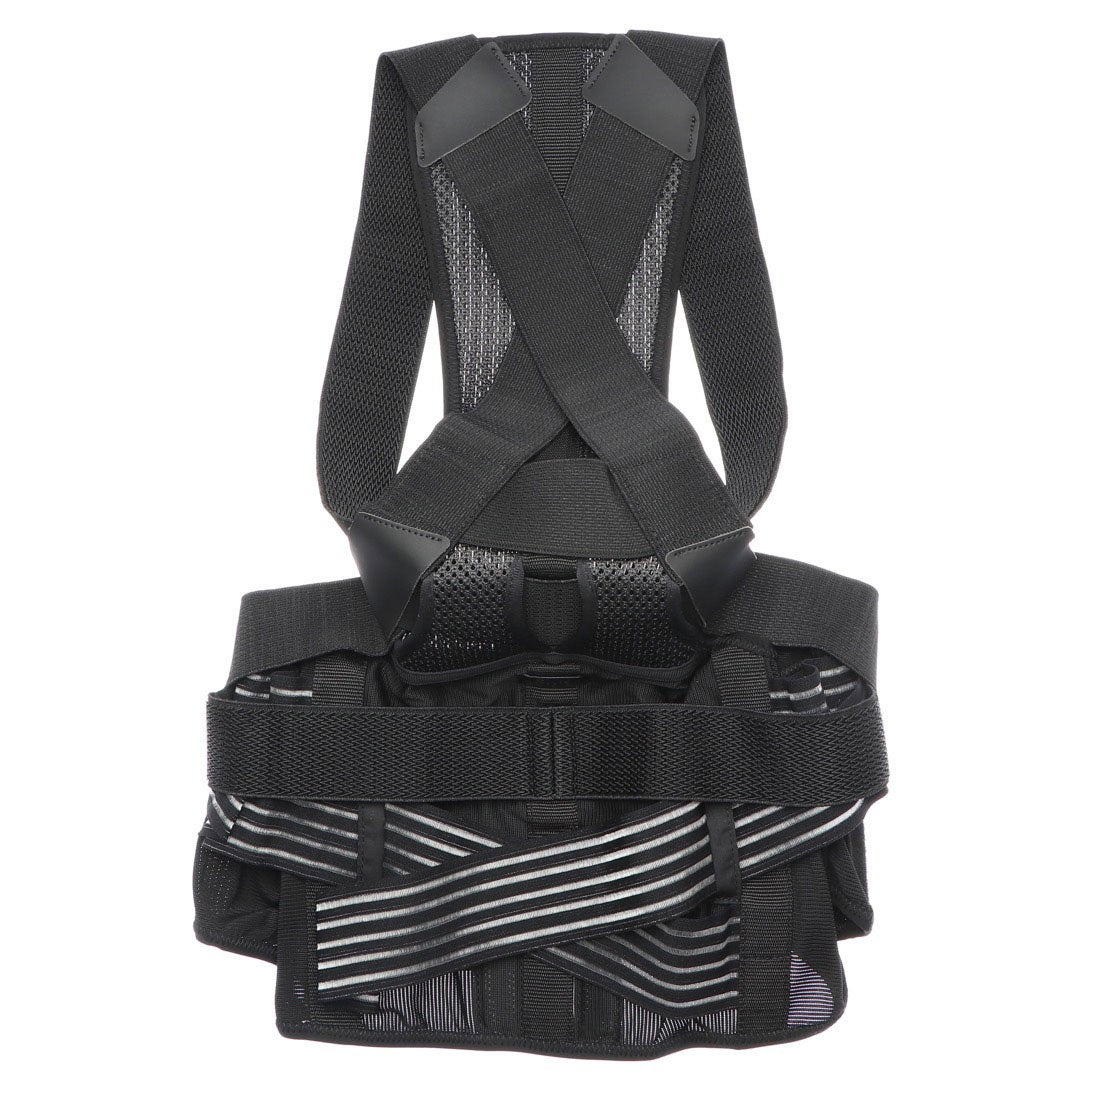 ロコンド 靴とファッションの通販サイトエムティージー MTG フィットネスマシン小物 スタイル BX PLUS ブラック Lサイズ YS-AF03L